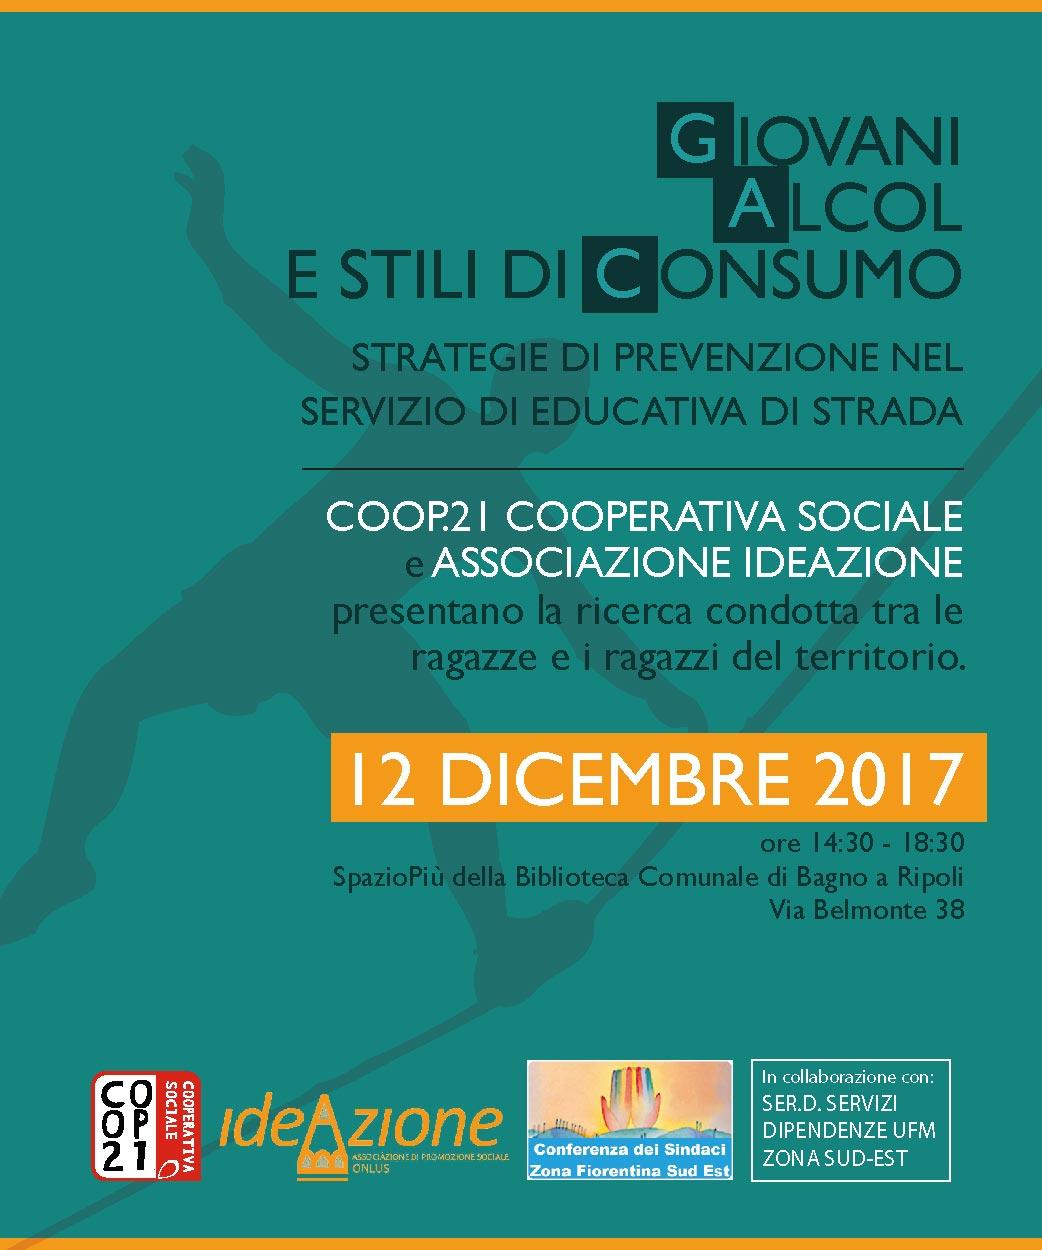 Convegno su giovani e alcol 12 dicembre 2017 | Corsi di formazione e ...